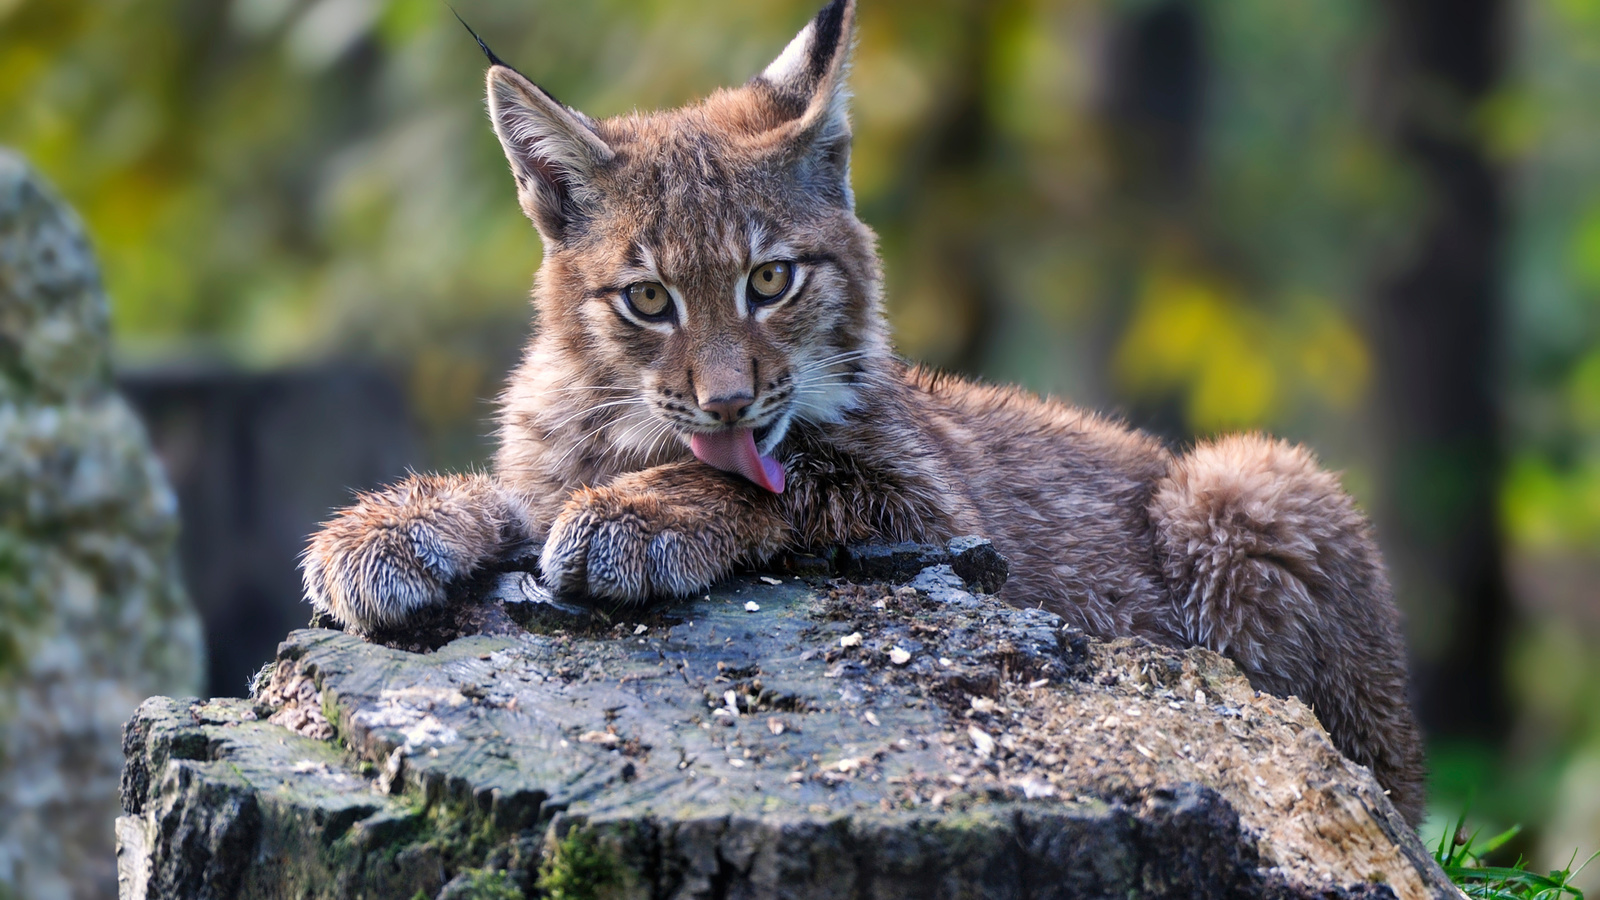 животное, взгляд, хищник, природа, пень, рысь, детёныш, зелень,деревья,язык,шерсть,лапы,когти,нос,усы,глаза,взгляд,внимание